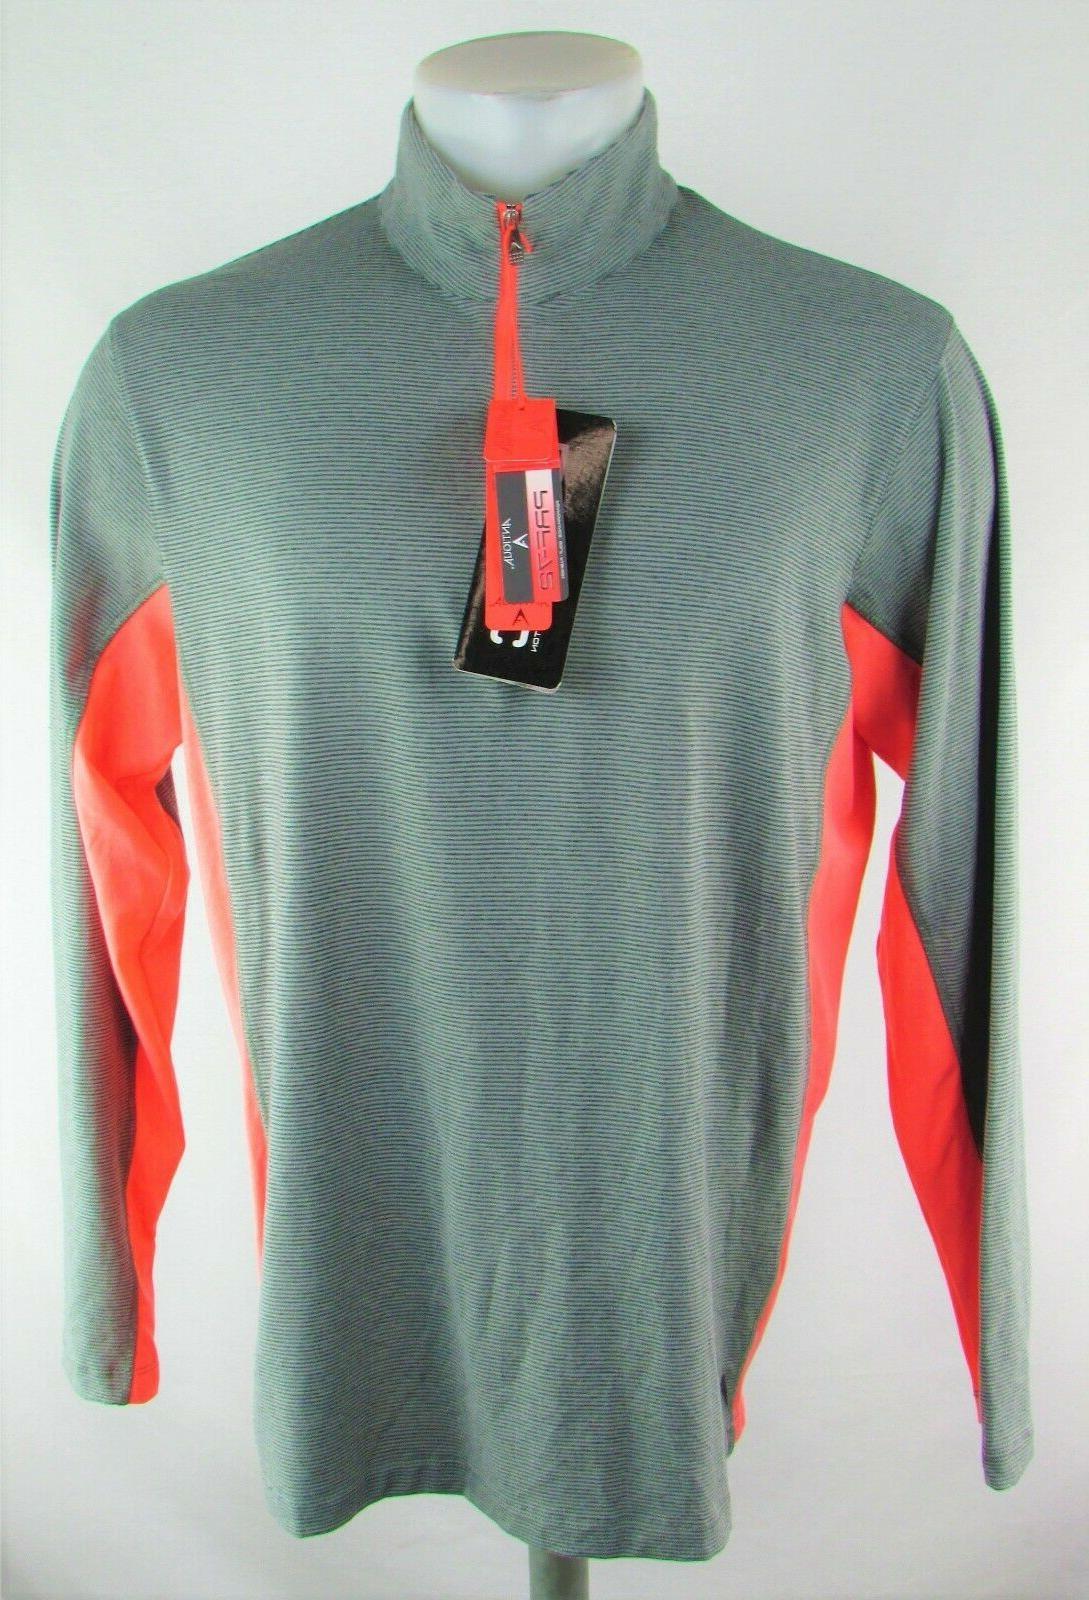 men s grey golf performance activewear top